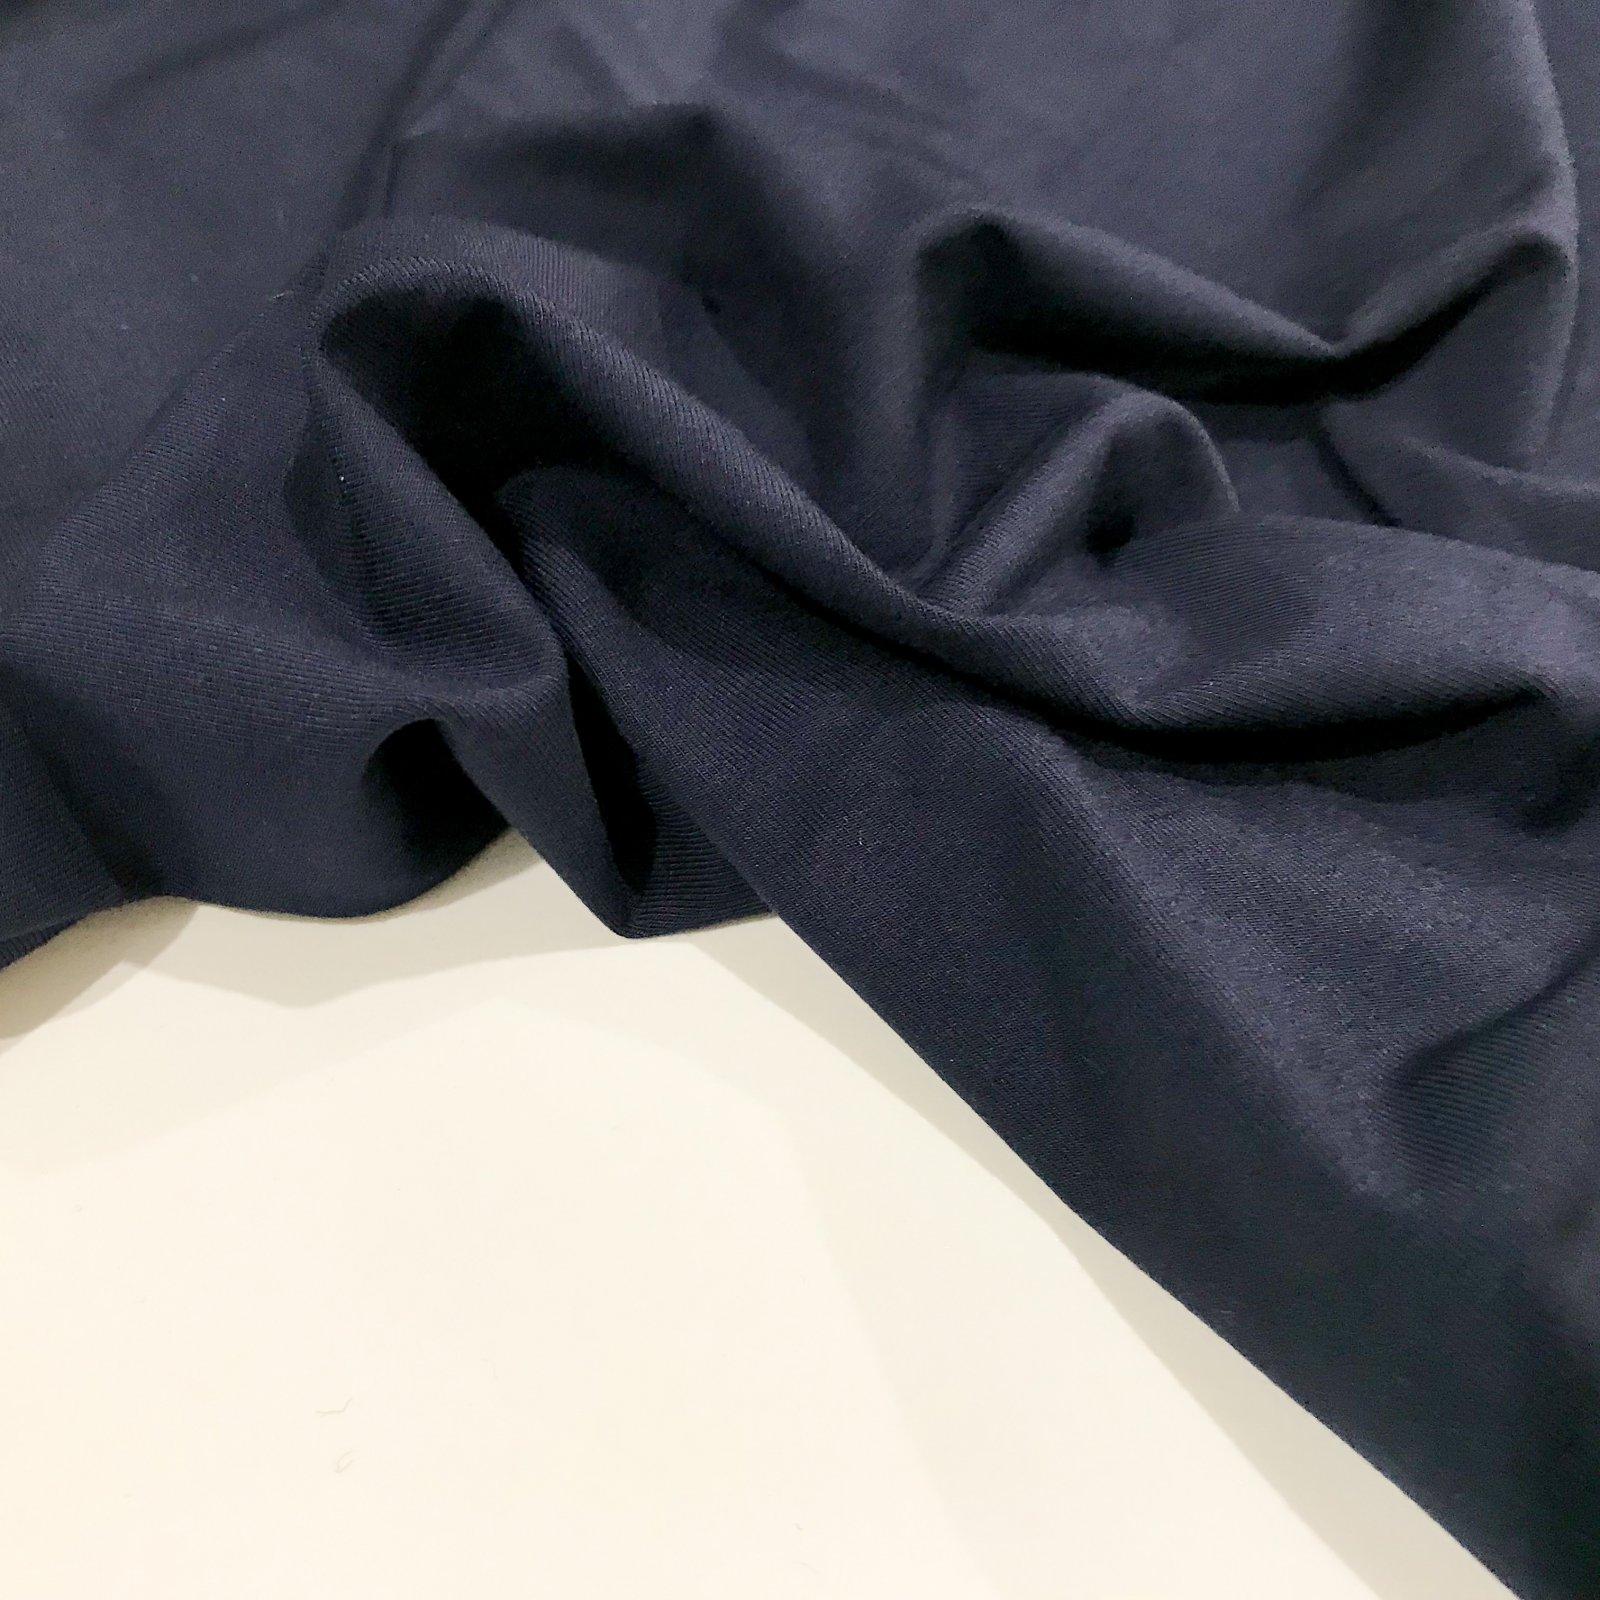 Modal Knit - Stargazer